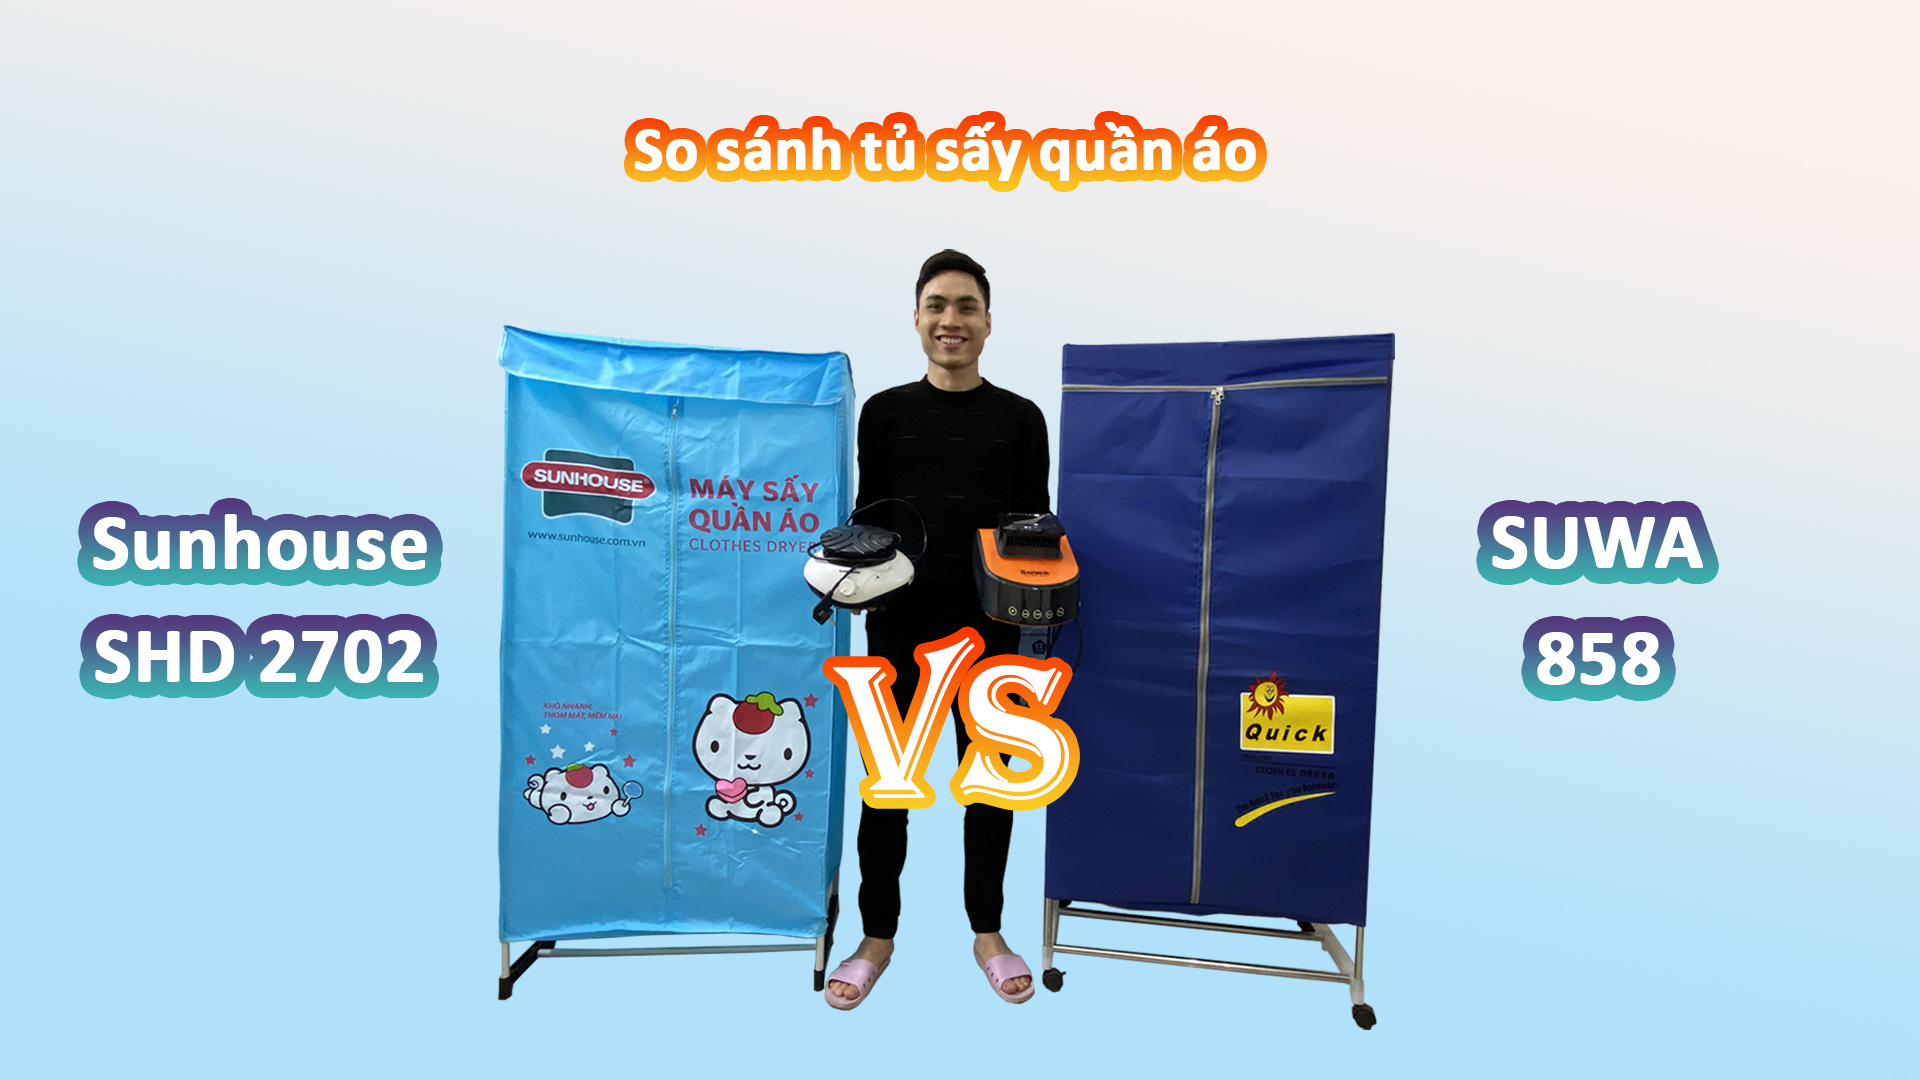 So sánh tủ sấy quần áo Suwa 858 và Sunhouse SHD 2702